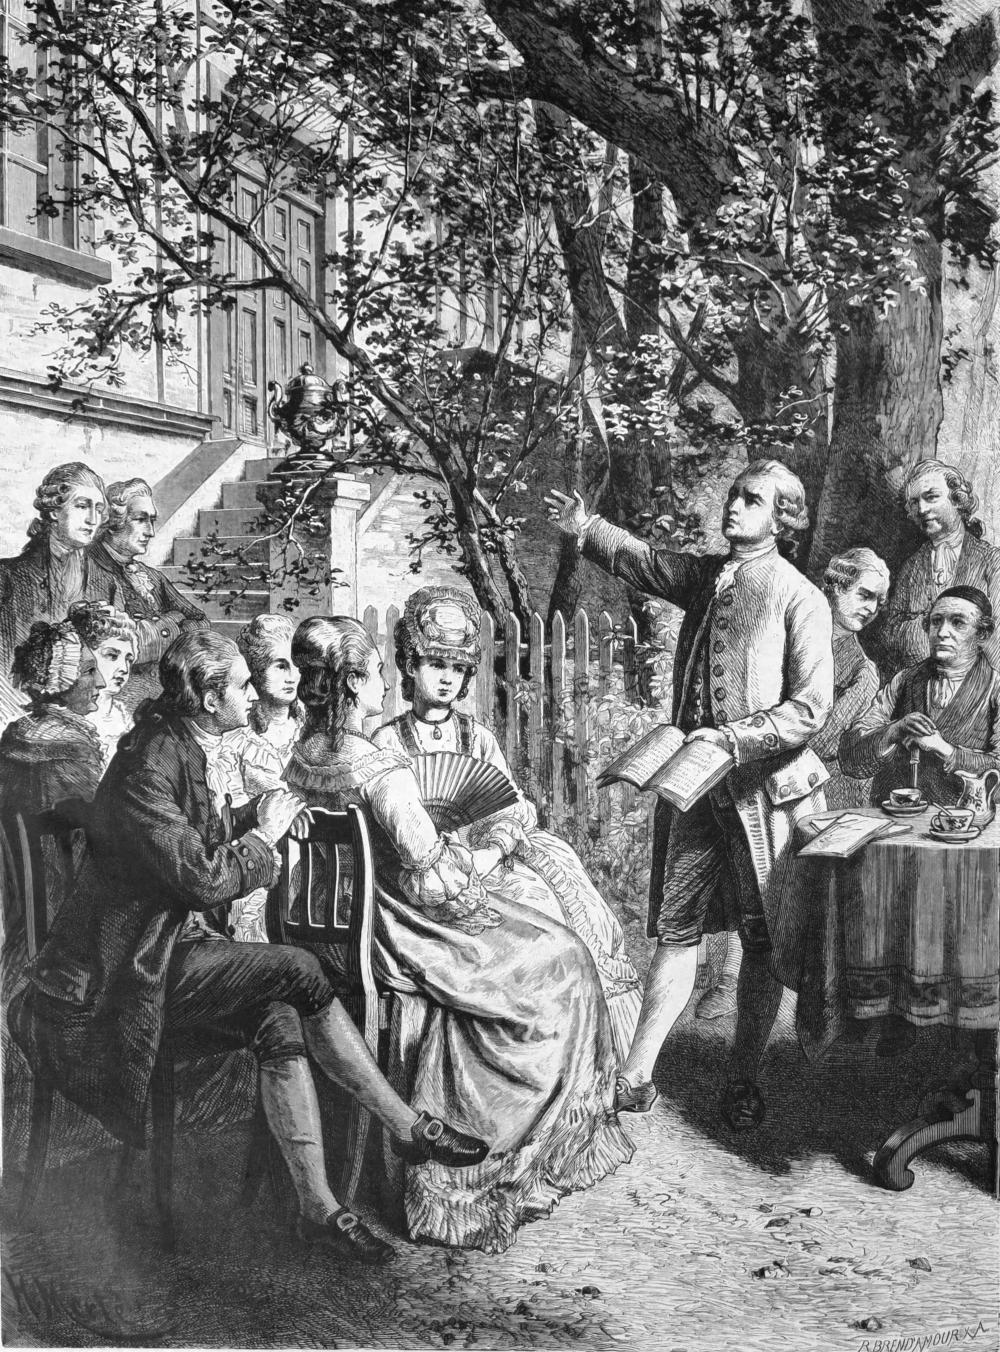 Traditionen der Geselligkeit bei Theodor Fontane - Vortrag von Dr. Jana Kittelmann beim Fontane-Kreis Leipzig